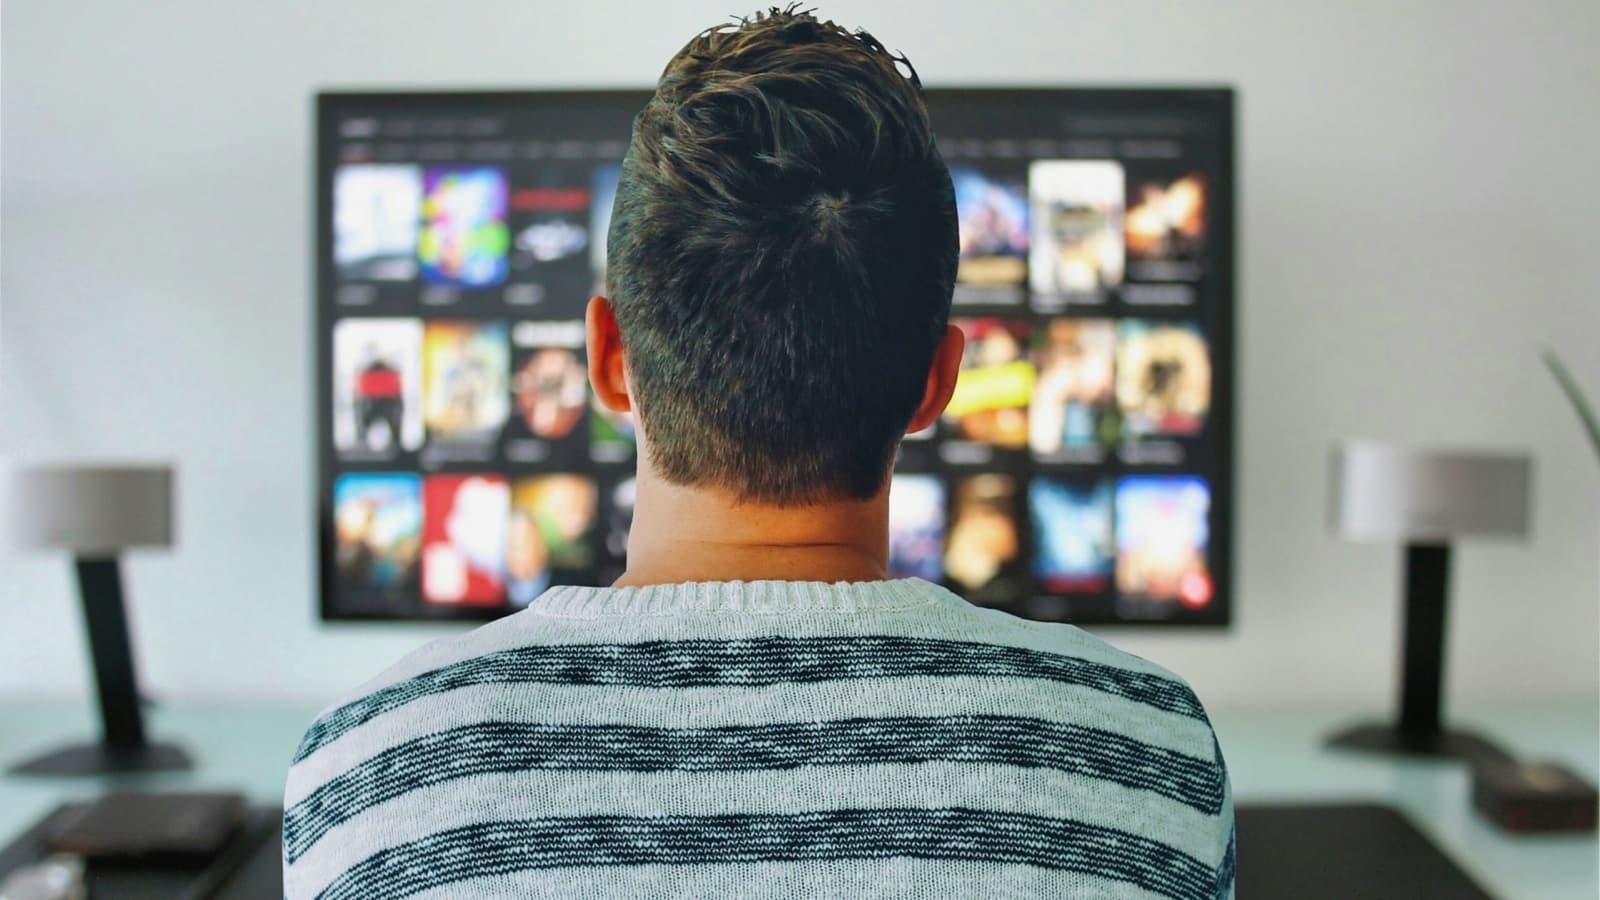 Mejores Televisiones de 75 Pulgadas